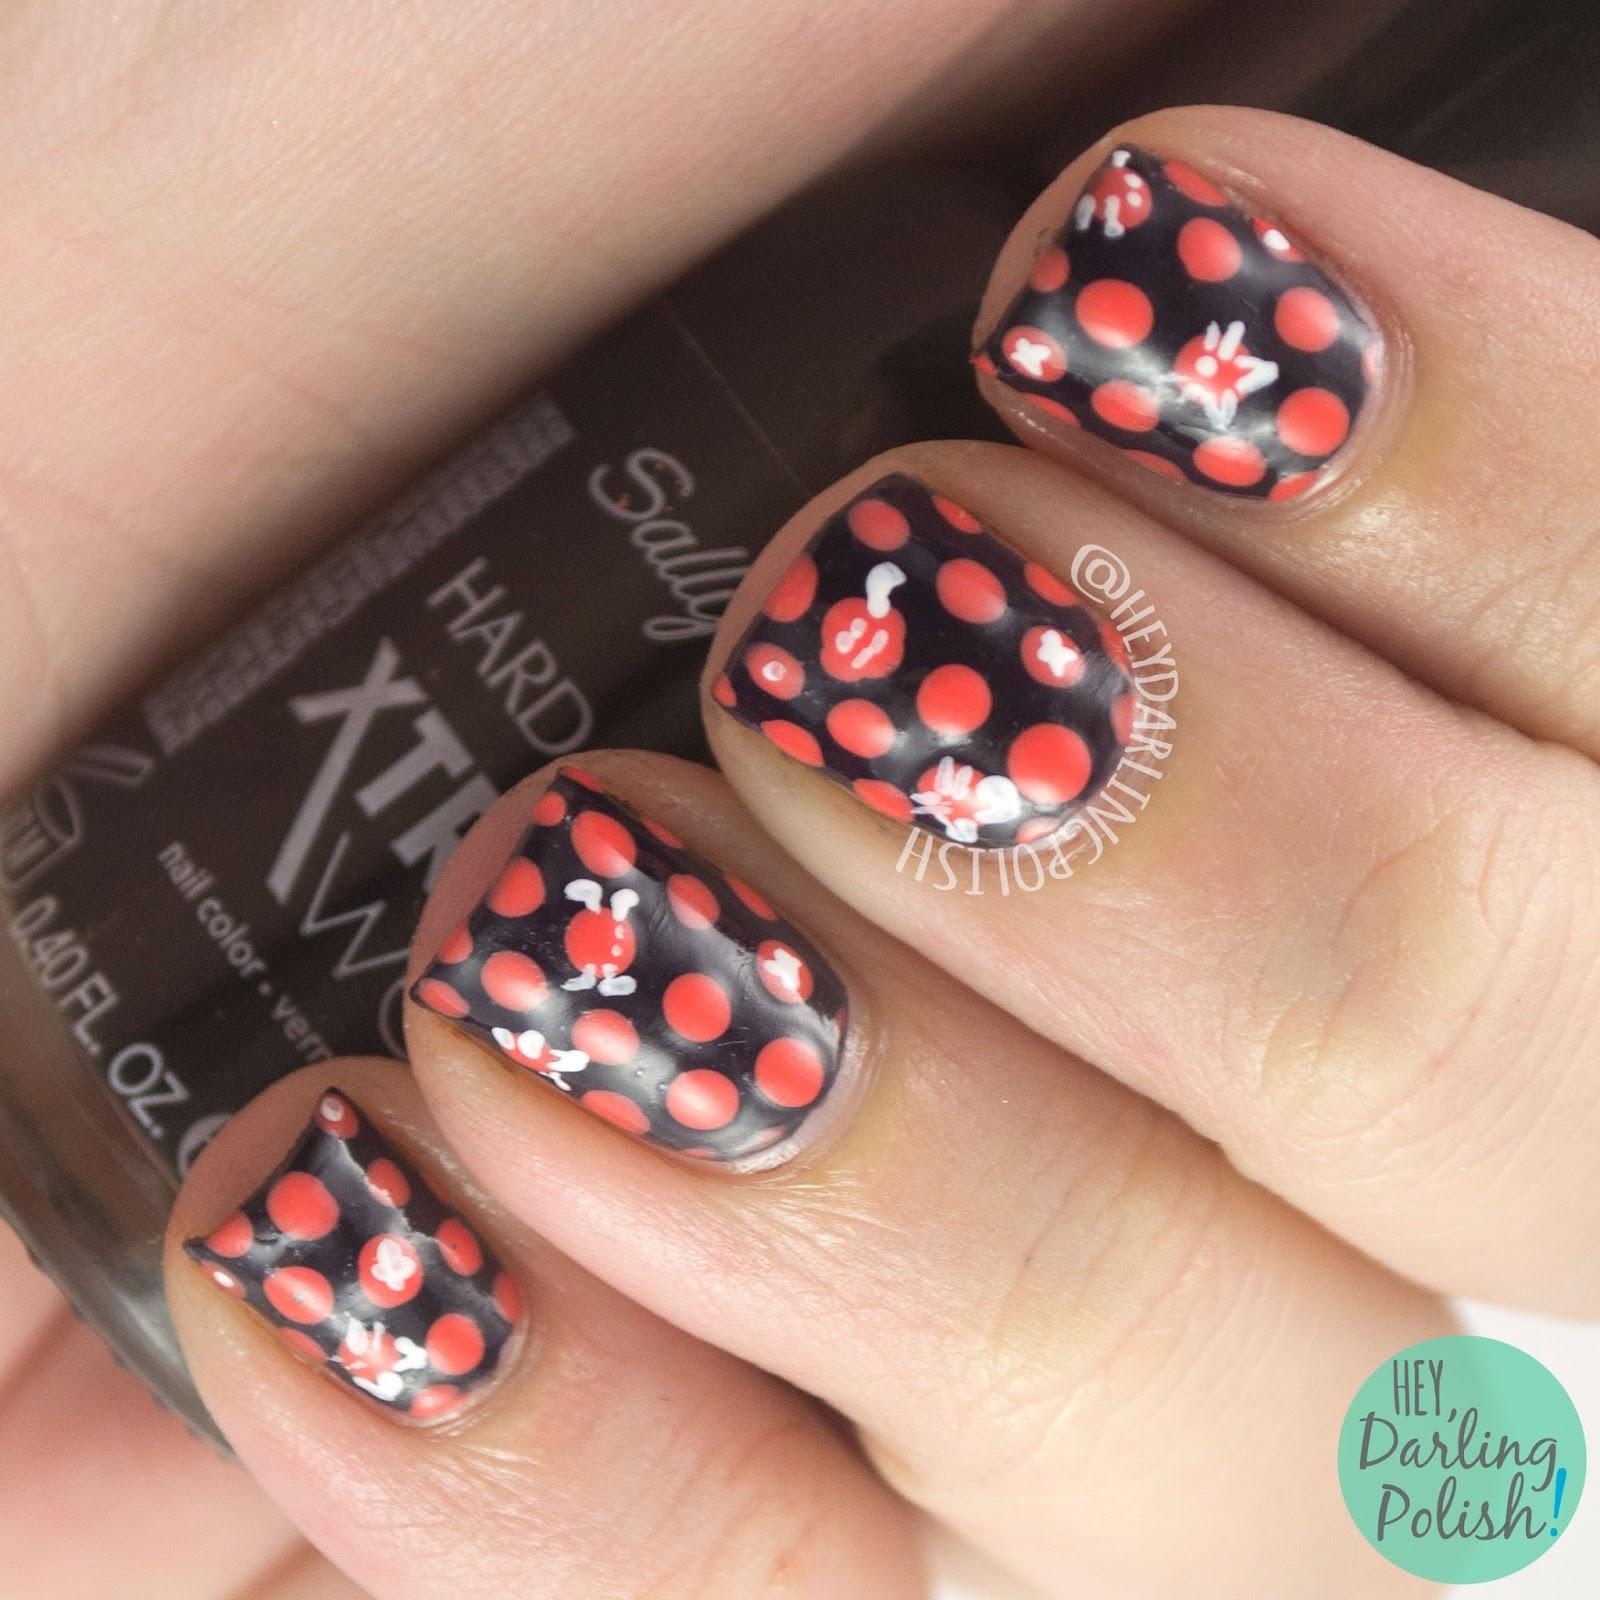 nails, nail art, nail polish, polka dots, dots, orange, black, hey darling polish, 31dc2014, 31 day challenge,